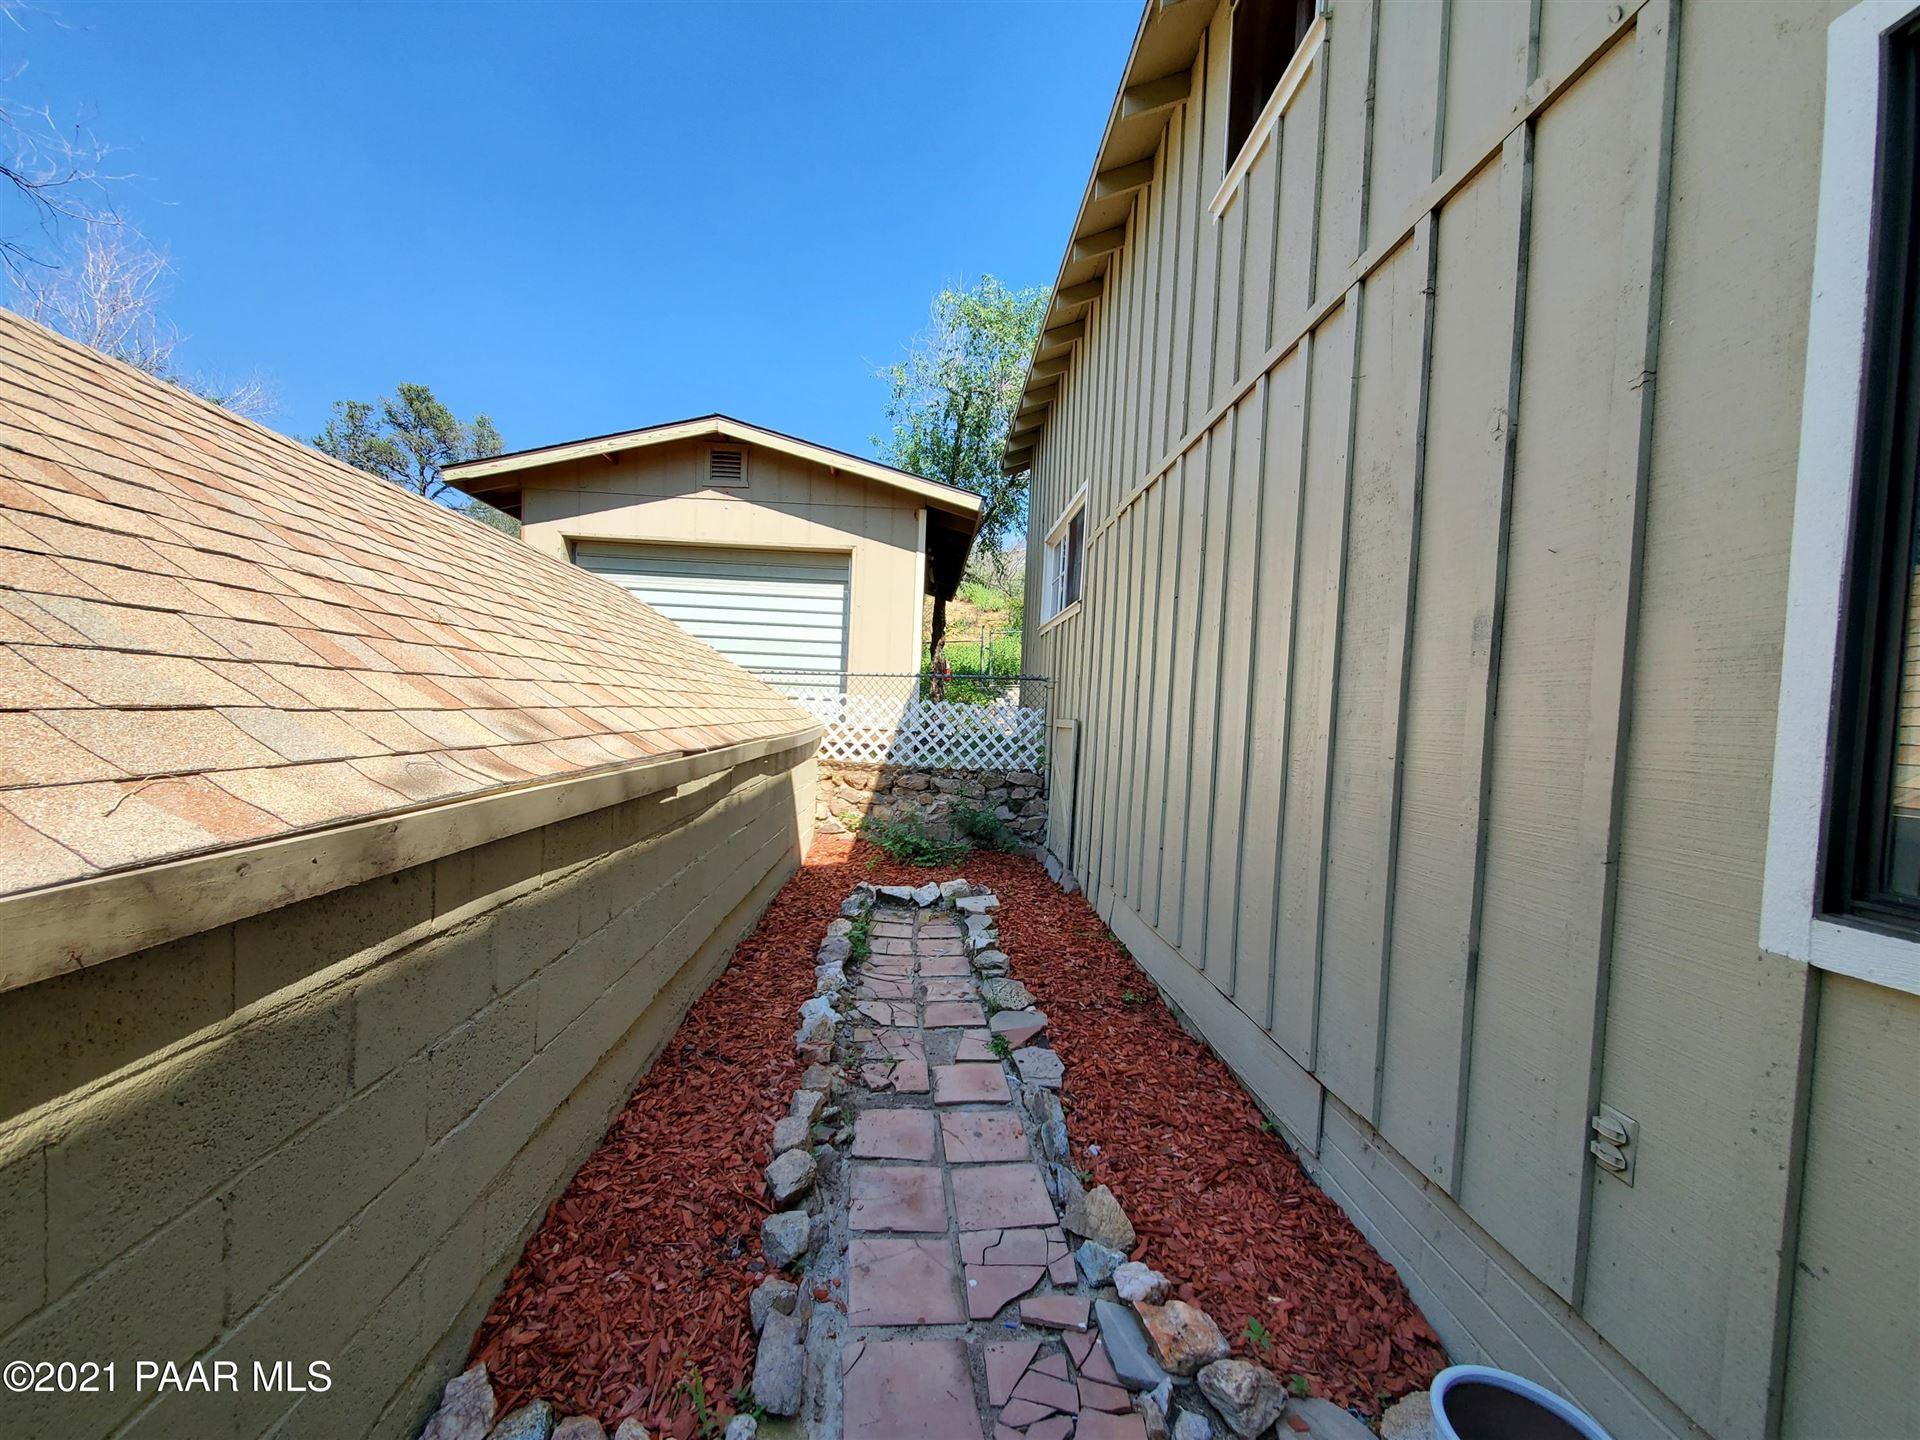 Photo of 2035 Willow Creek Road #Lot: 5, Prescott, AZ 86301 (MLS # 1037676)